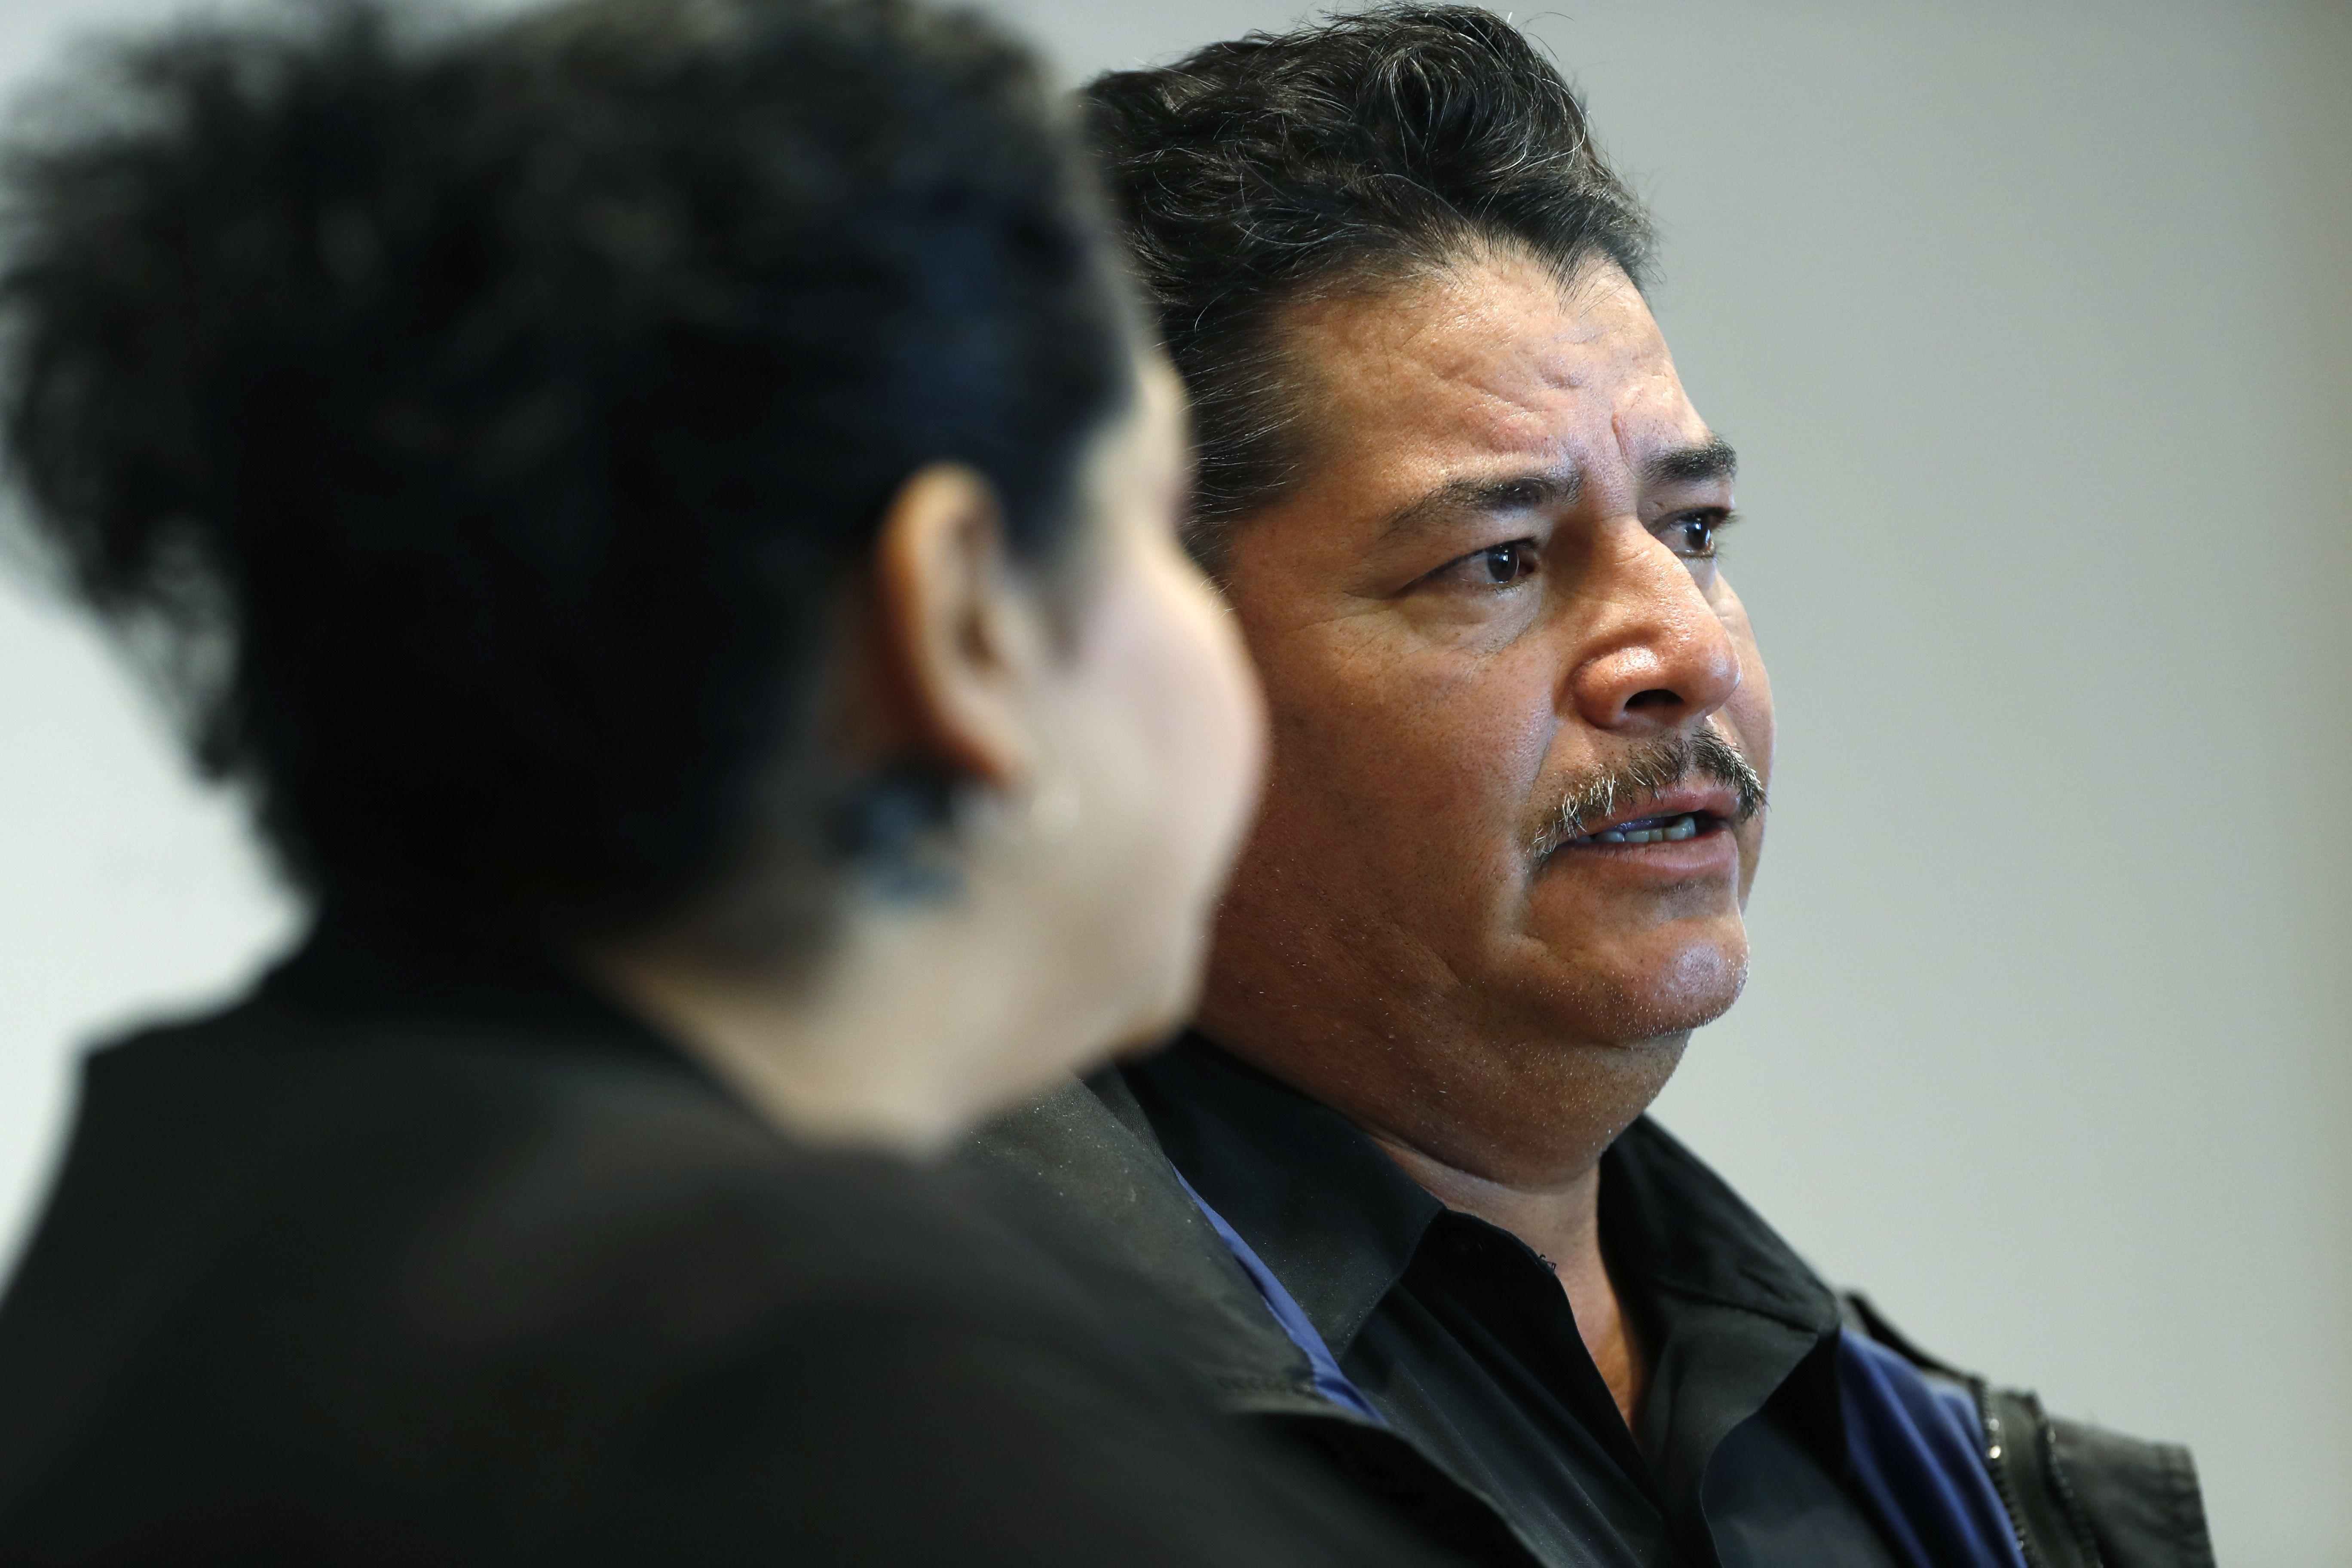 Se expande red de defensa legal para inmigrantes en EEUU